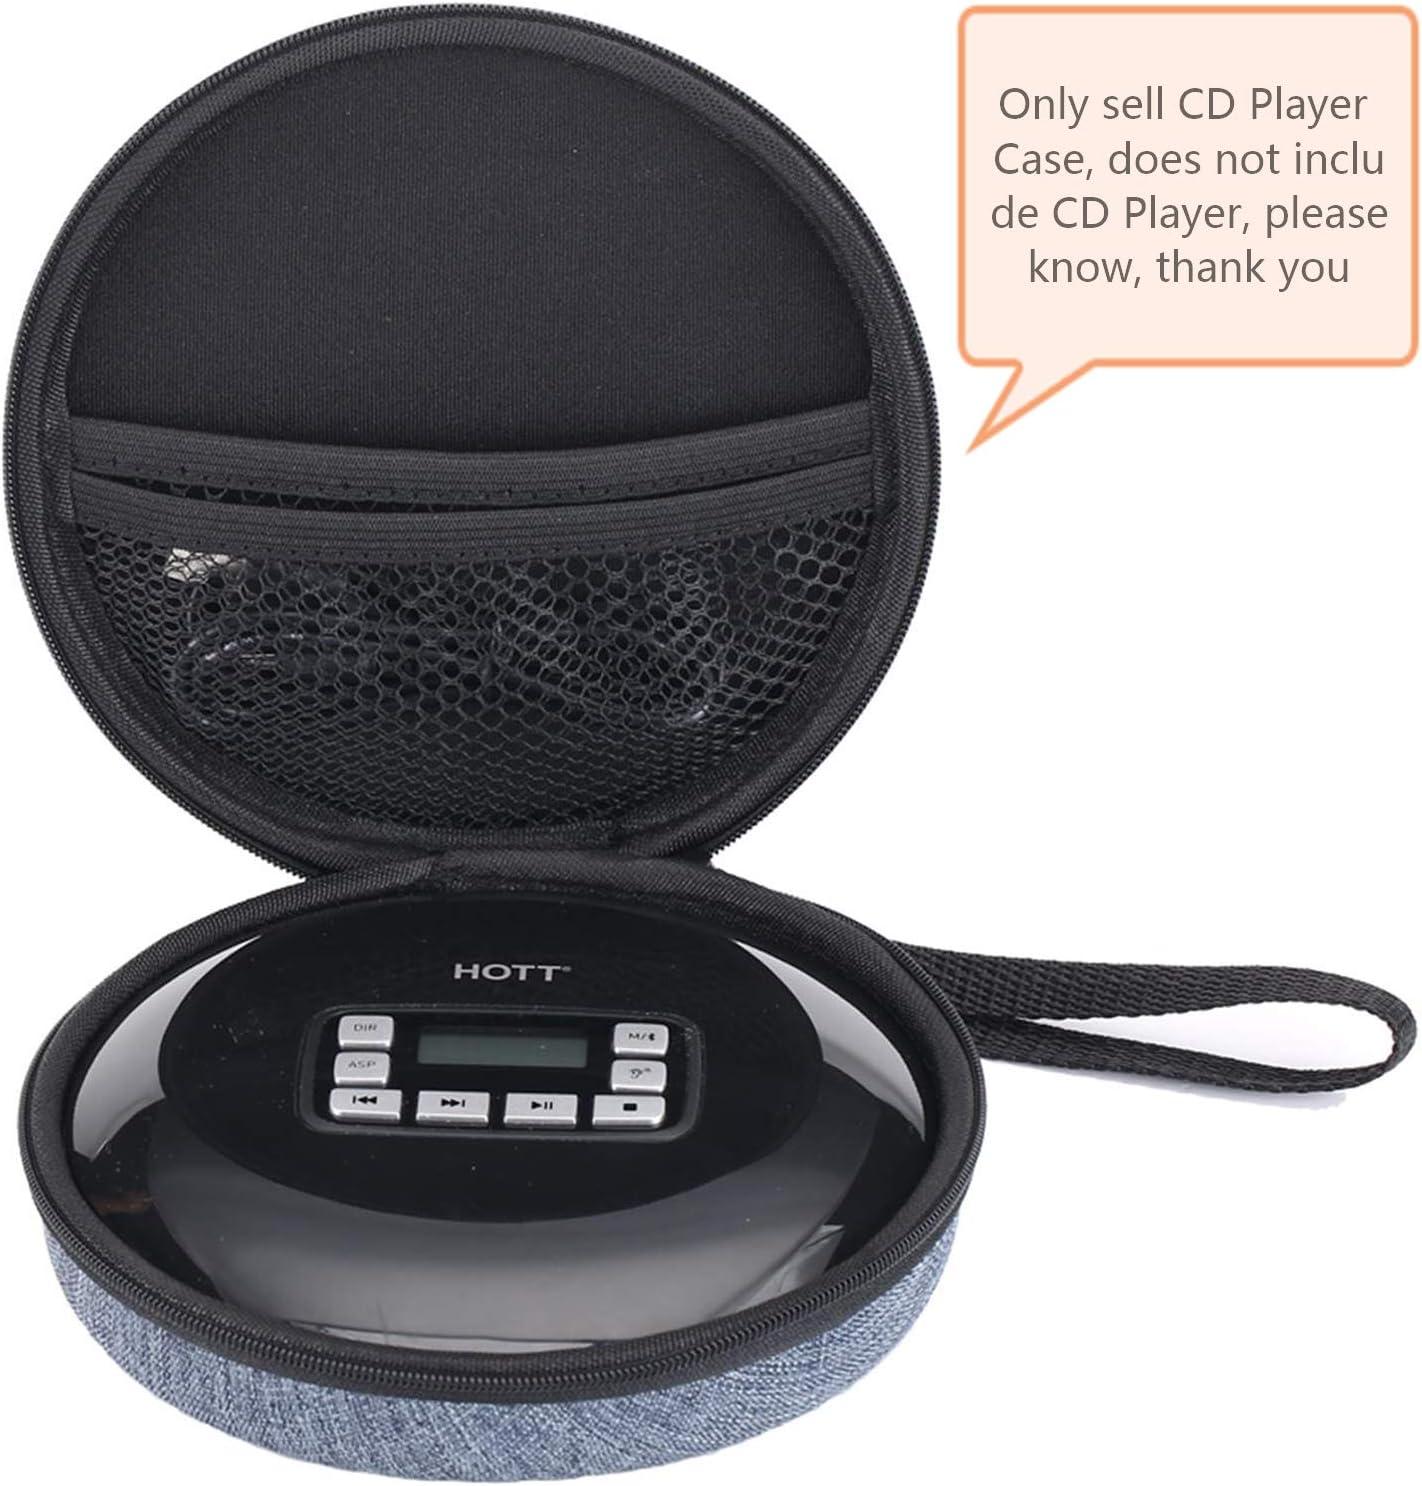 Lecteur de disques compacts Personnel avec Casque Protection Anti-Renversement Lecteurs de Musique MP3 Walkman avec afficheur LCD pour Adultes /Étudiants Enfants Lecteur de CD Portable